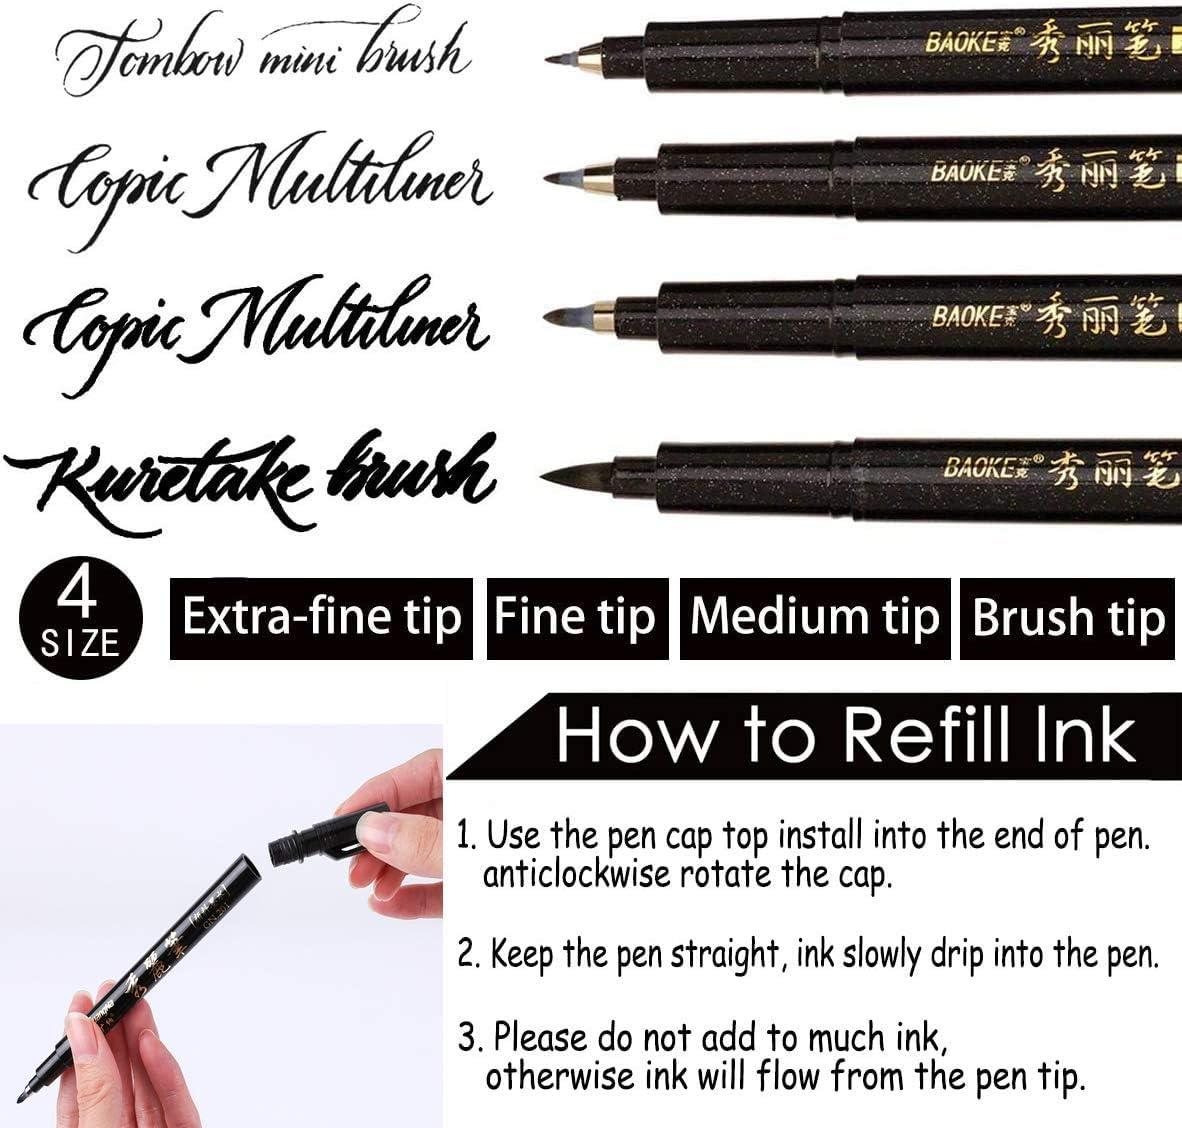 6 Pezzi Manga 4 Taglie Calligrafia Pennarelli Pennarelli Lettering Scrittura per Disegno Art Schizzo Calligrafia Pen